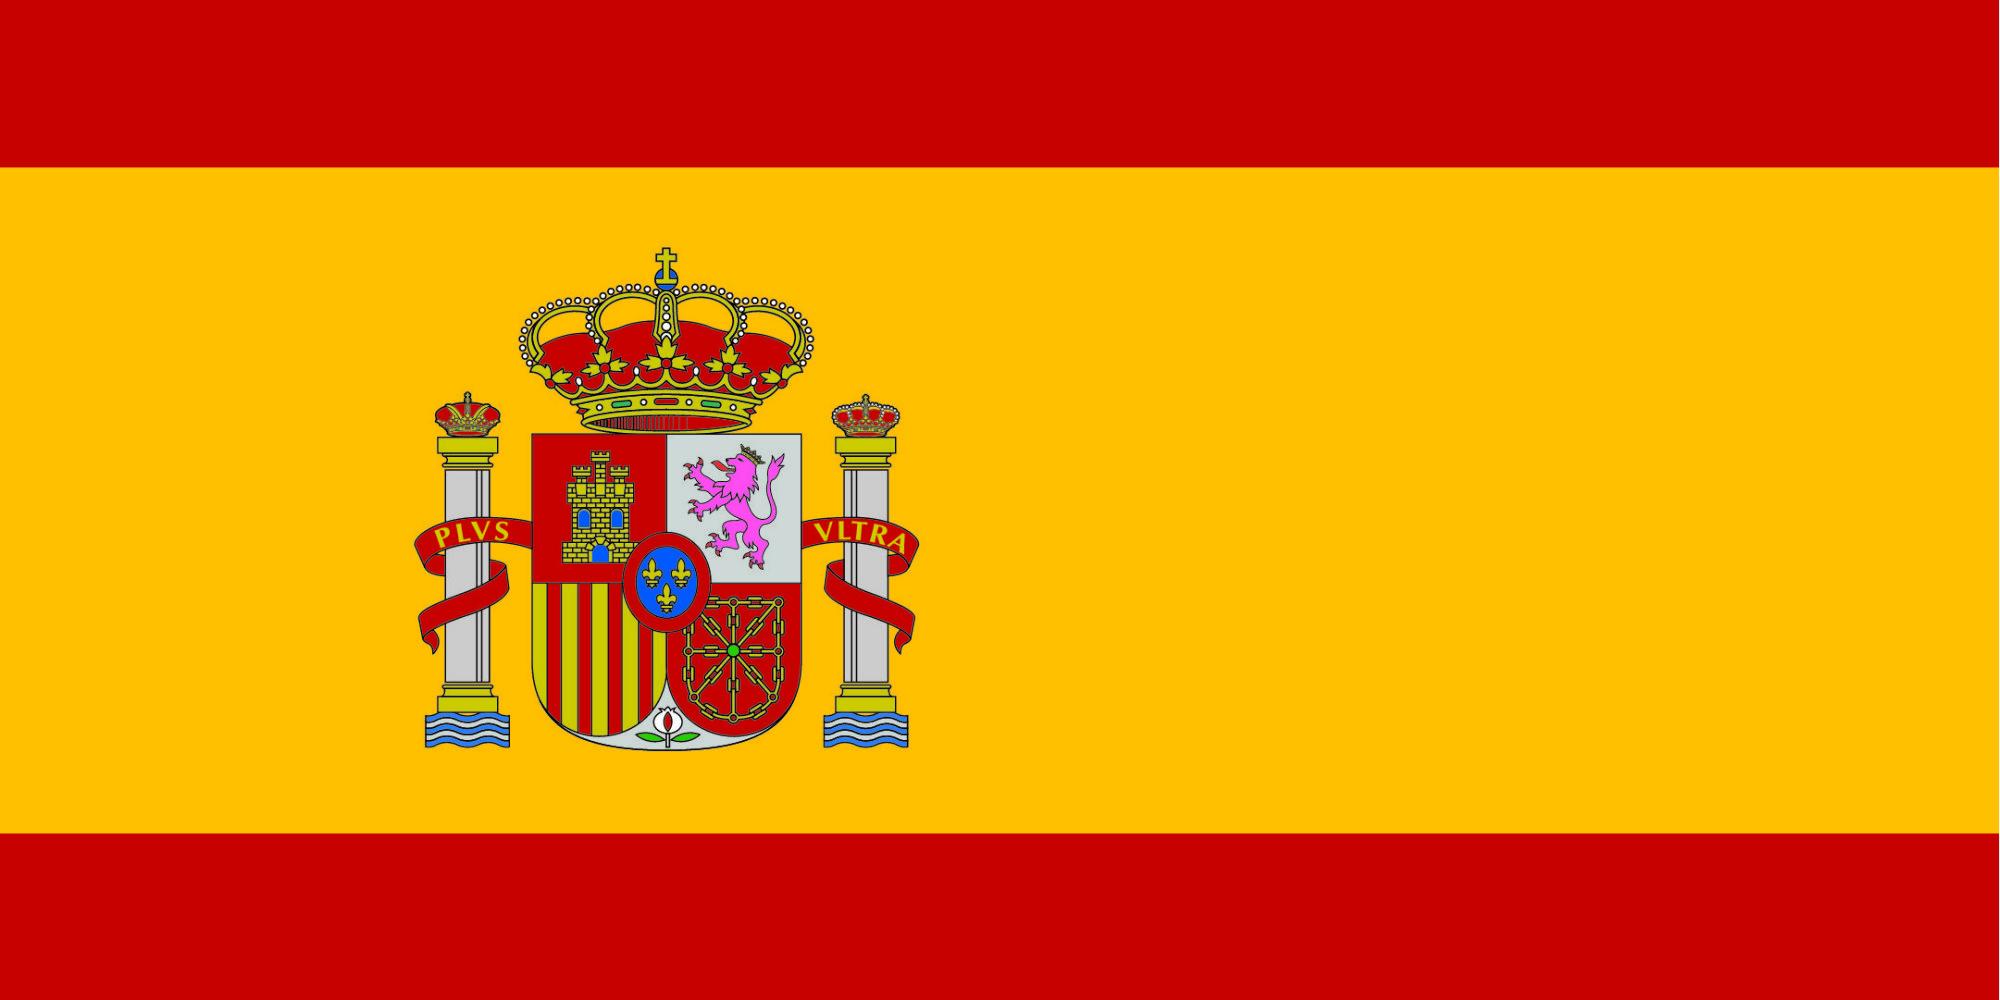 Обои для рабочего стола флаг испания